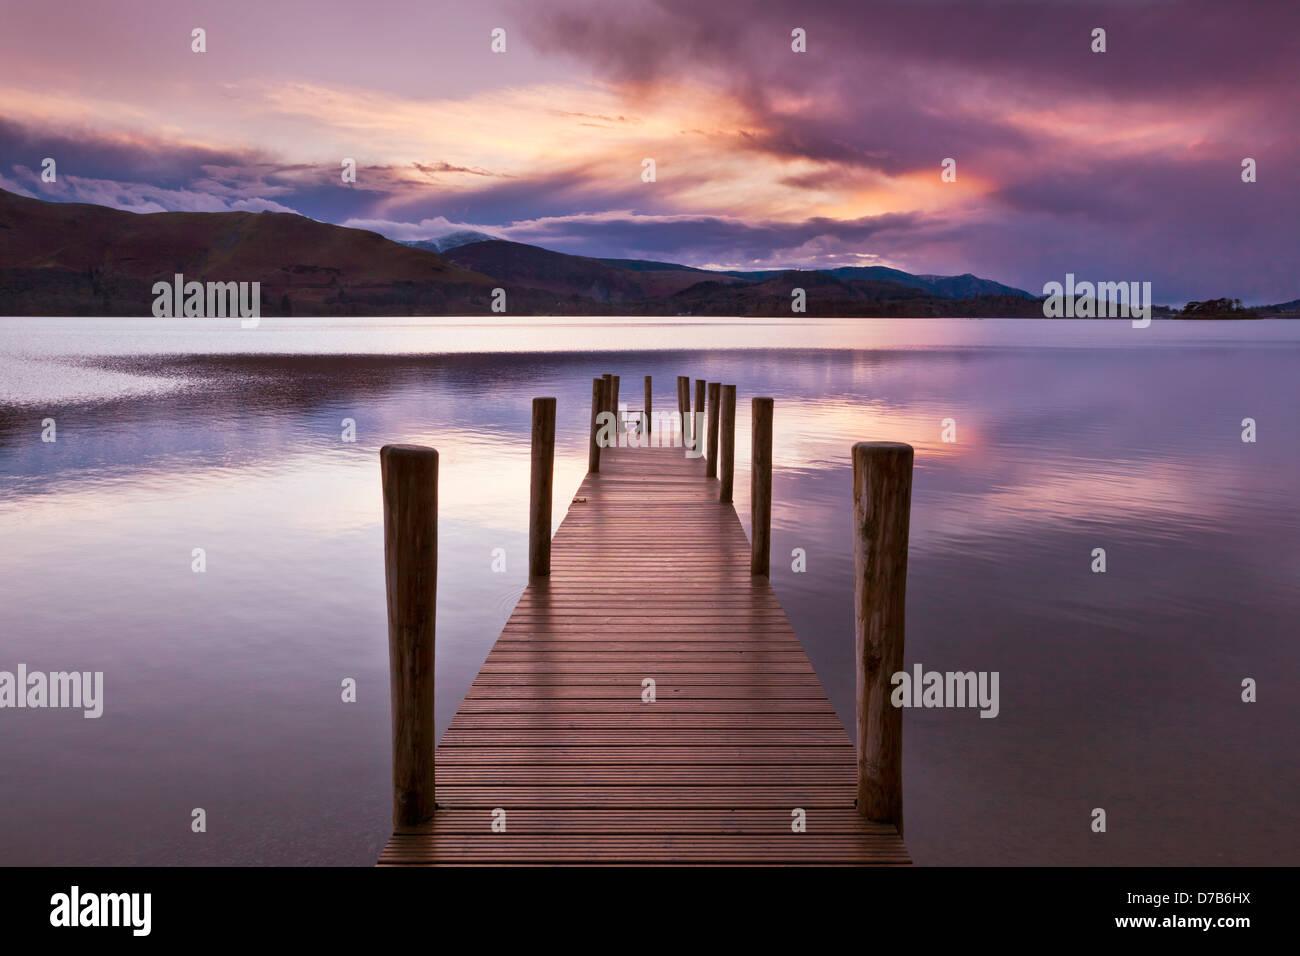 Embarcadère de ferry sur Derwent water au coucher du soleil près de Keswick Borrowdale Lake District Cumbria Photo Stock